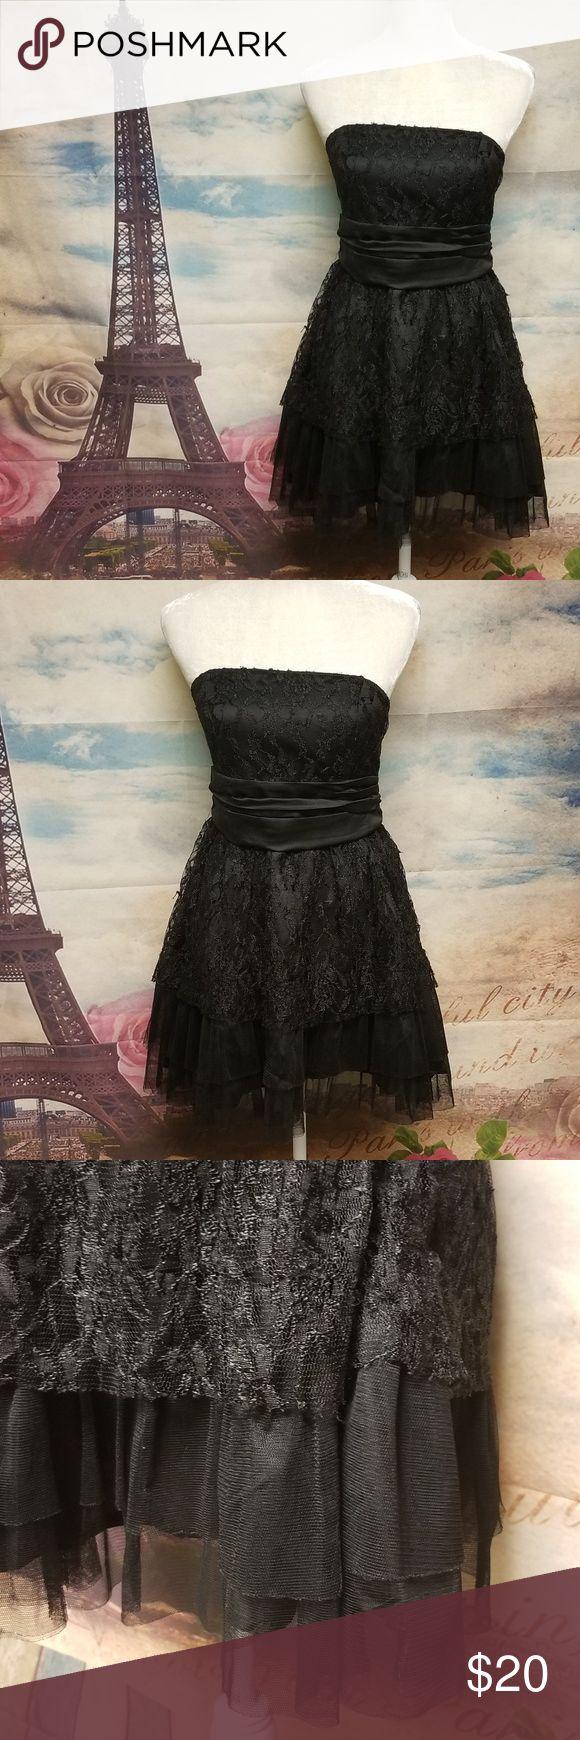 The hanger mini black sleeveless dress